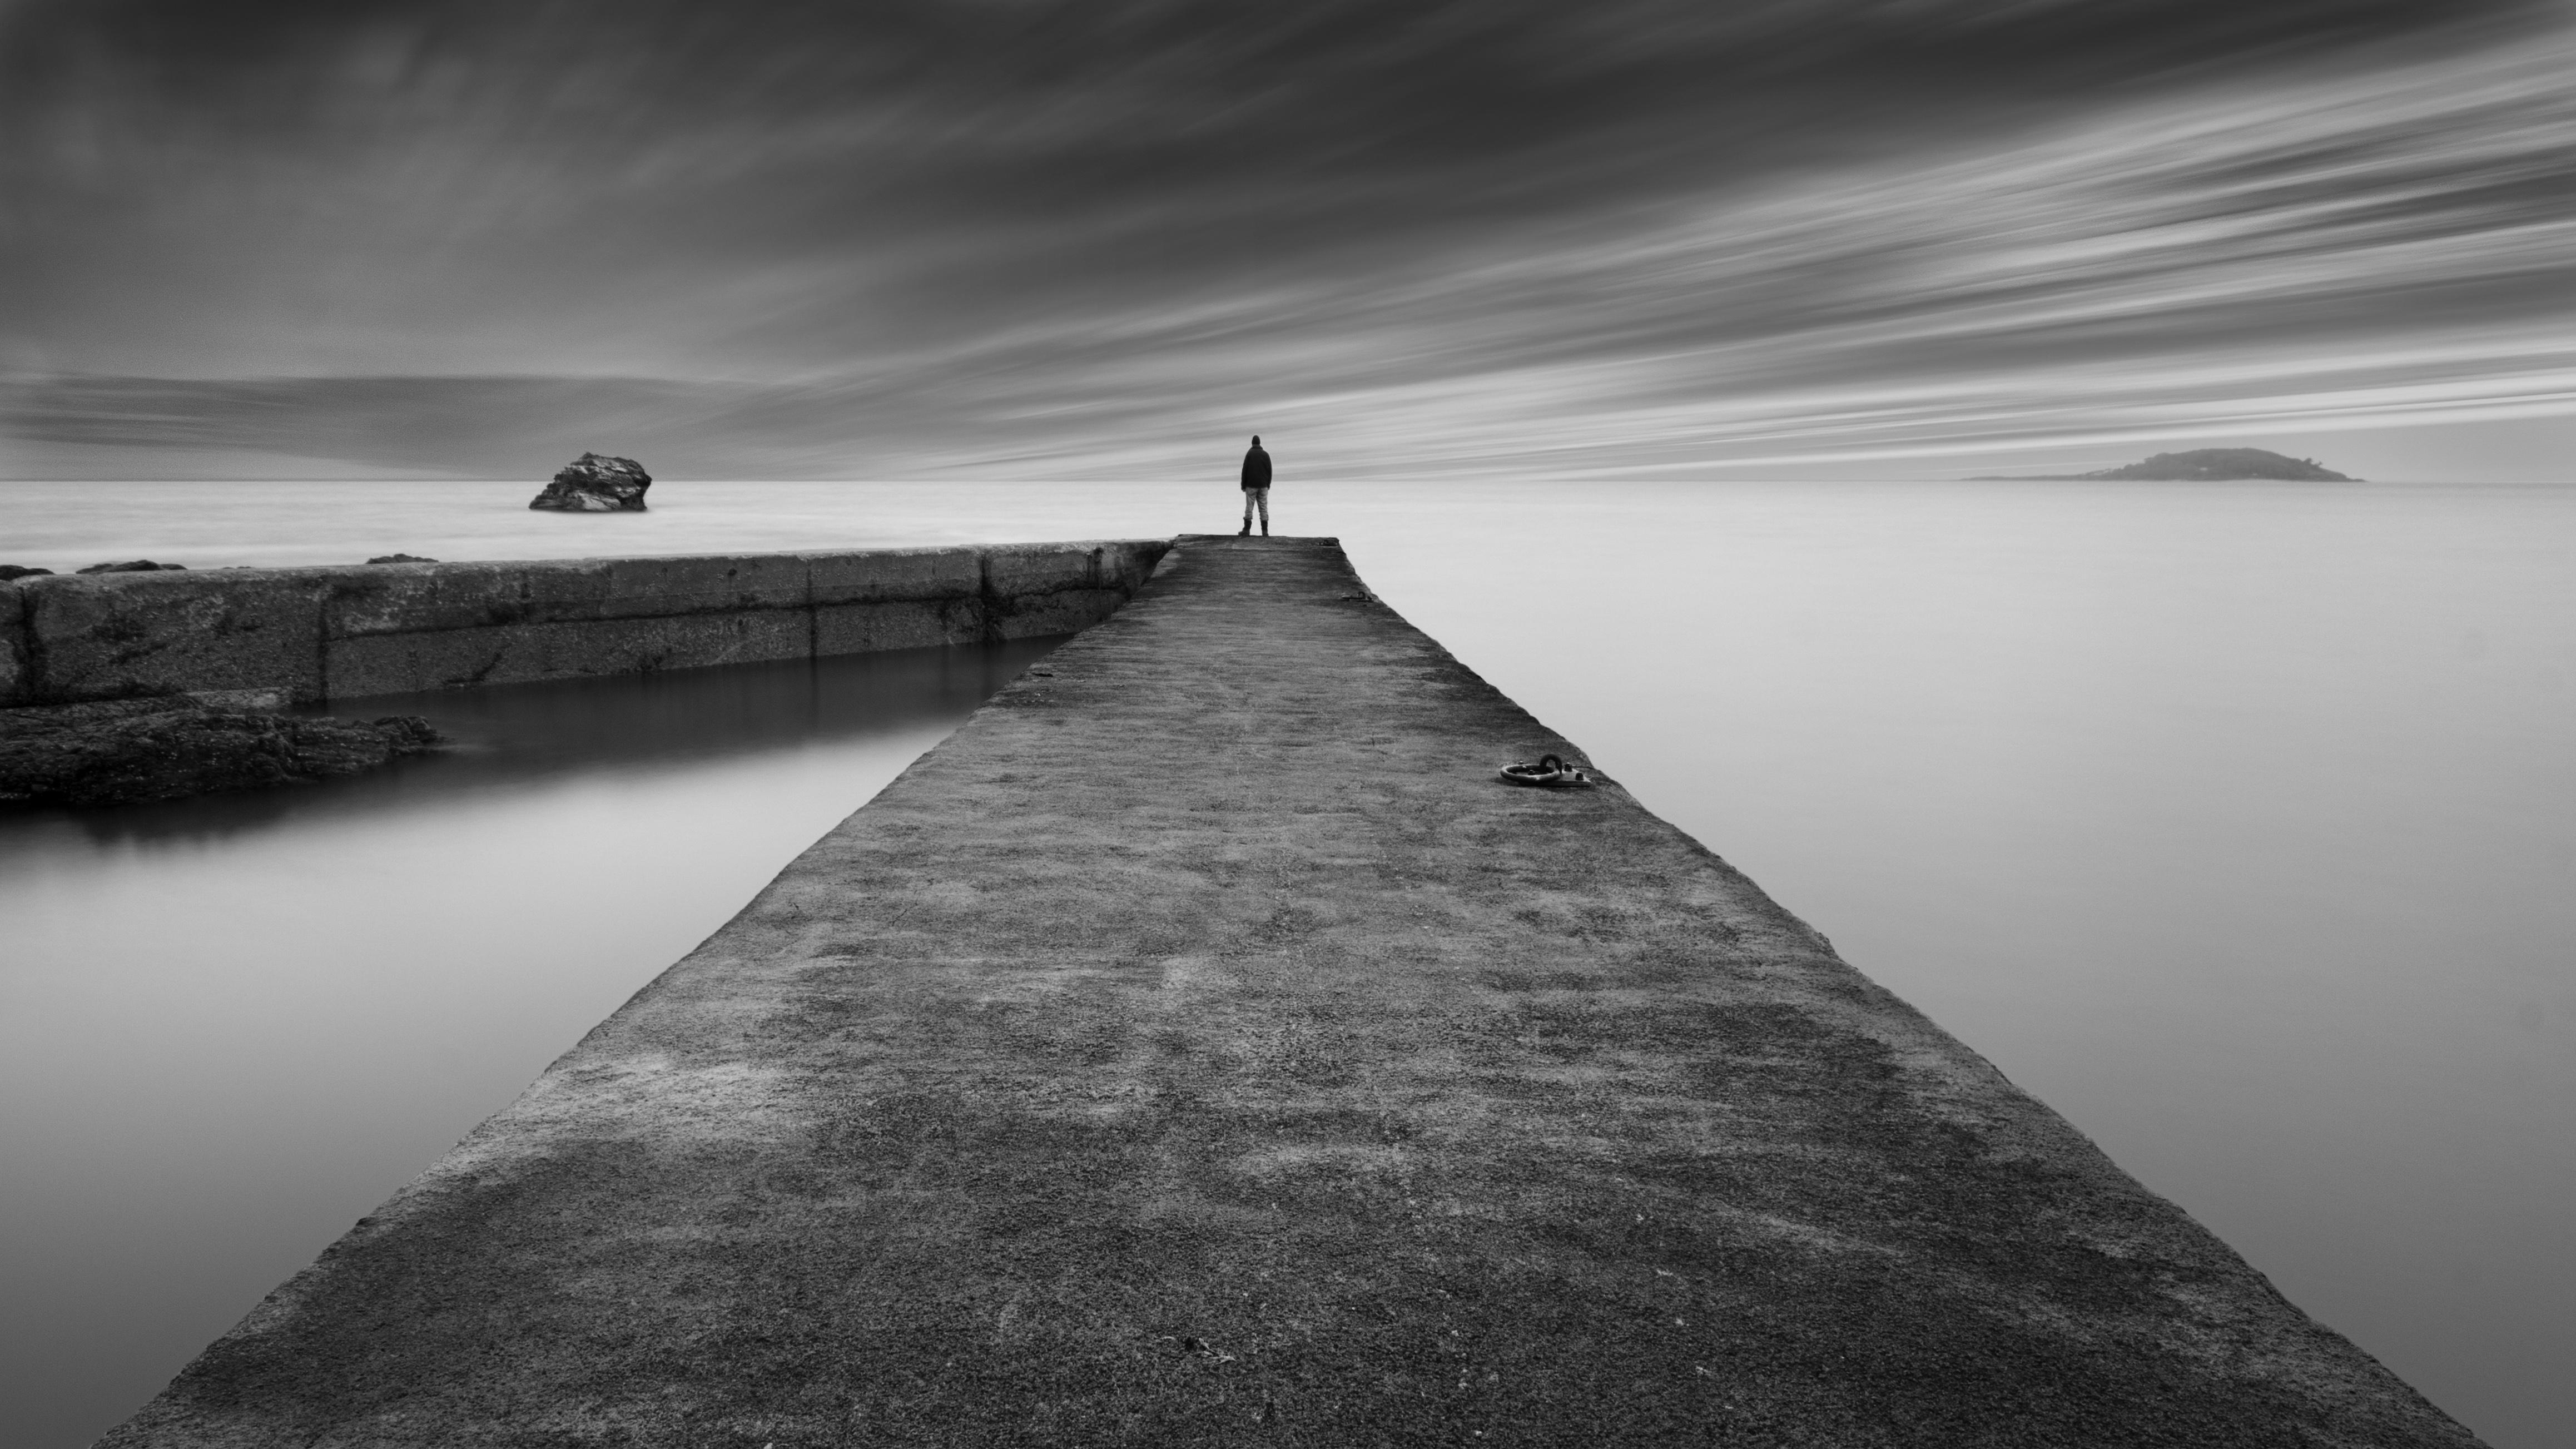 6100 Koleksi gambar pemandangan tepi pantai hitam putih Gratis Terbaru